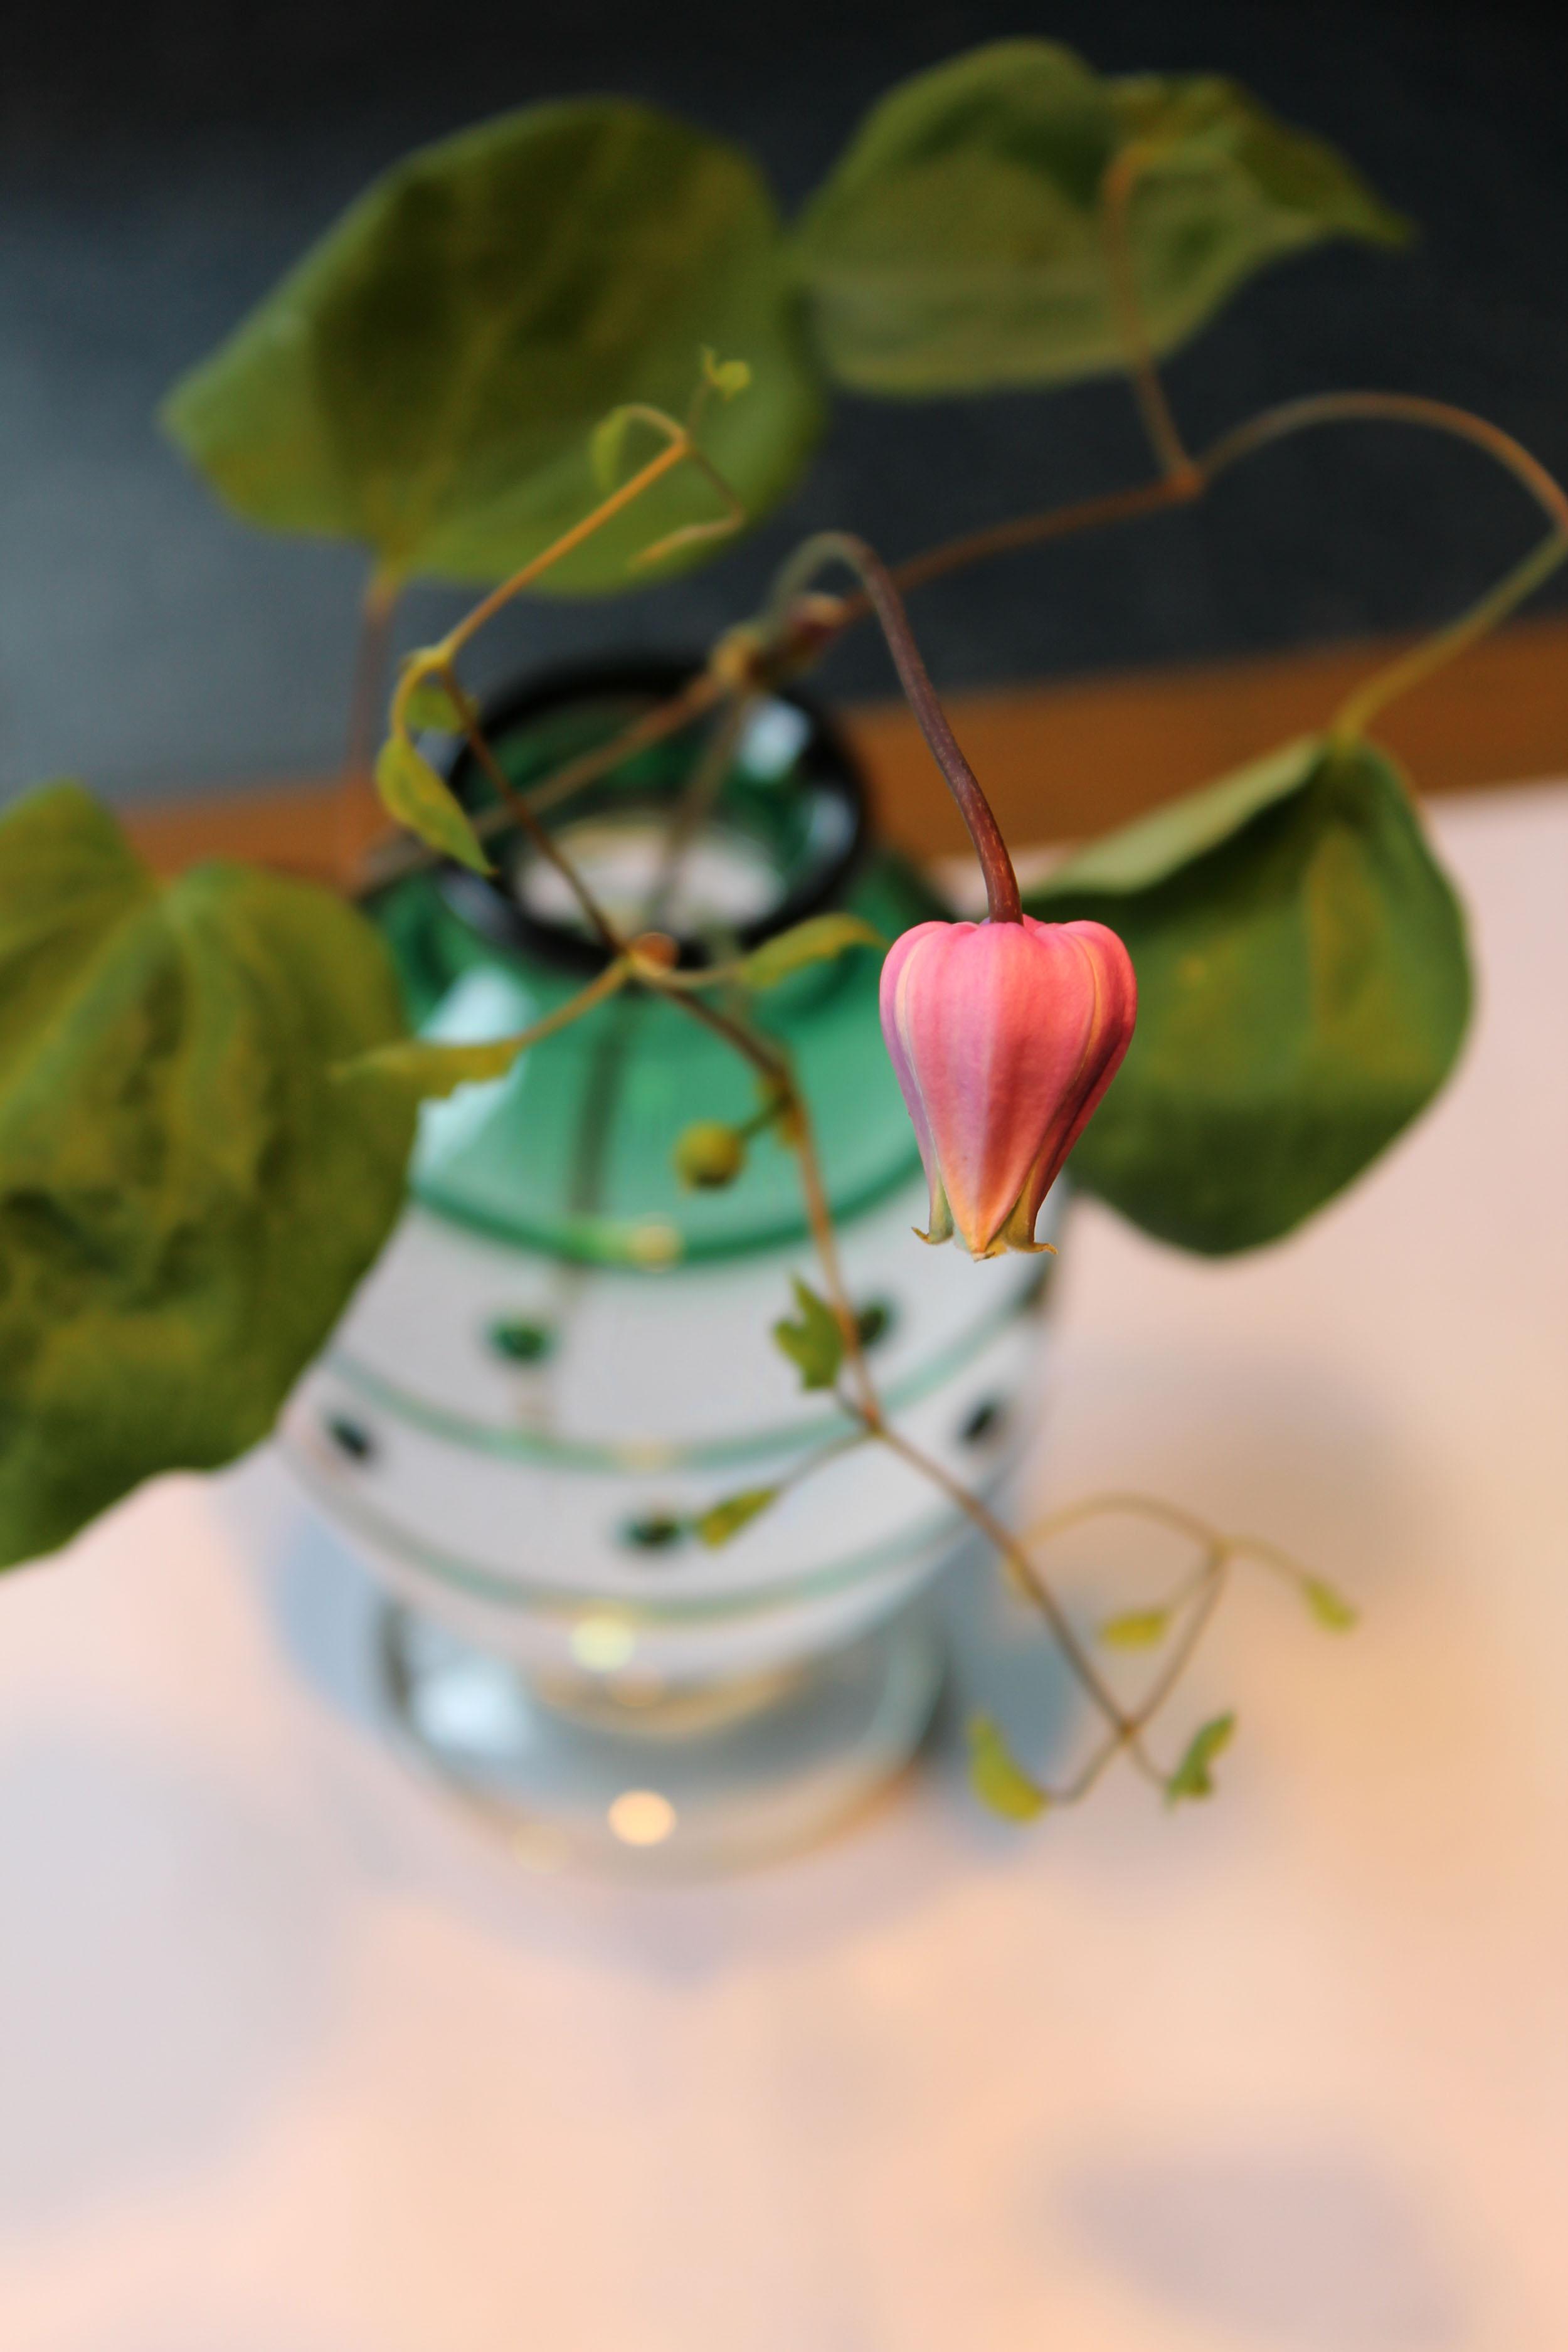 舩木倭帆  斑点文花瓶 緑_c0237627_20251014.jpg